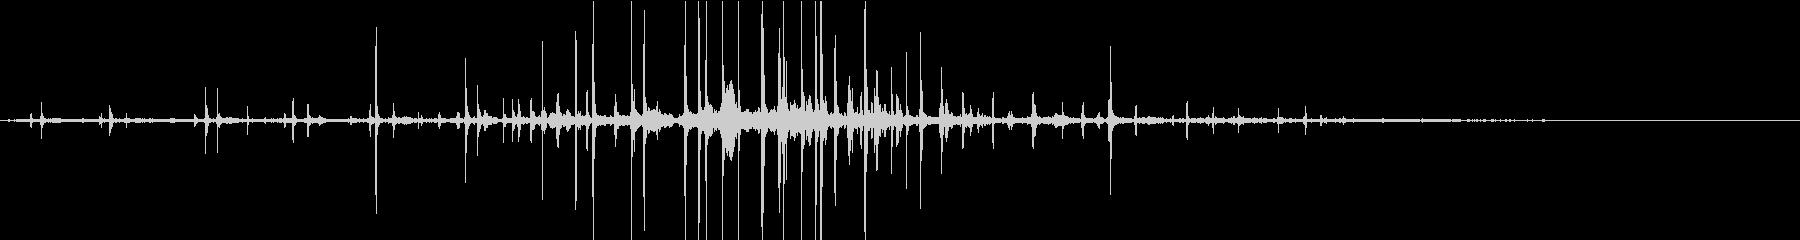 パカラパカラ(馬の走り去る音)の未再生の波形